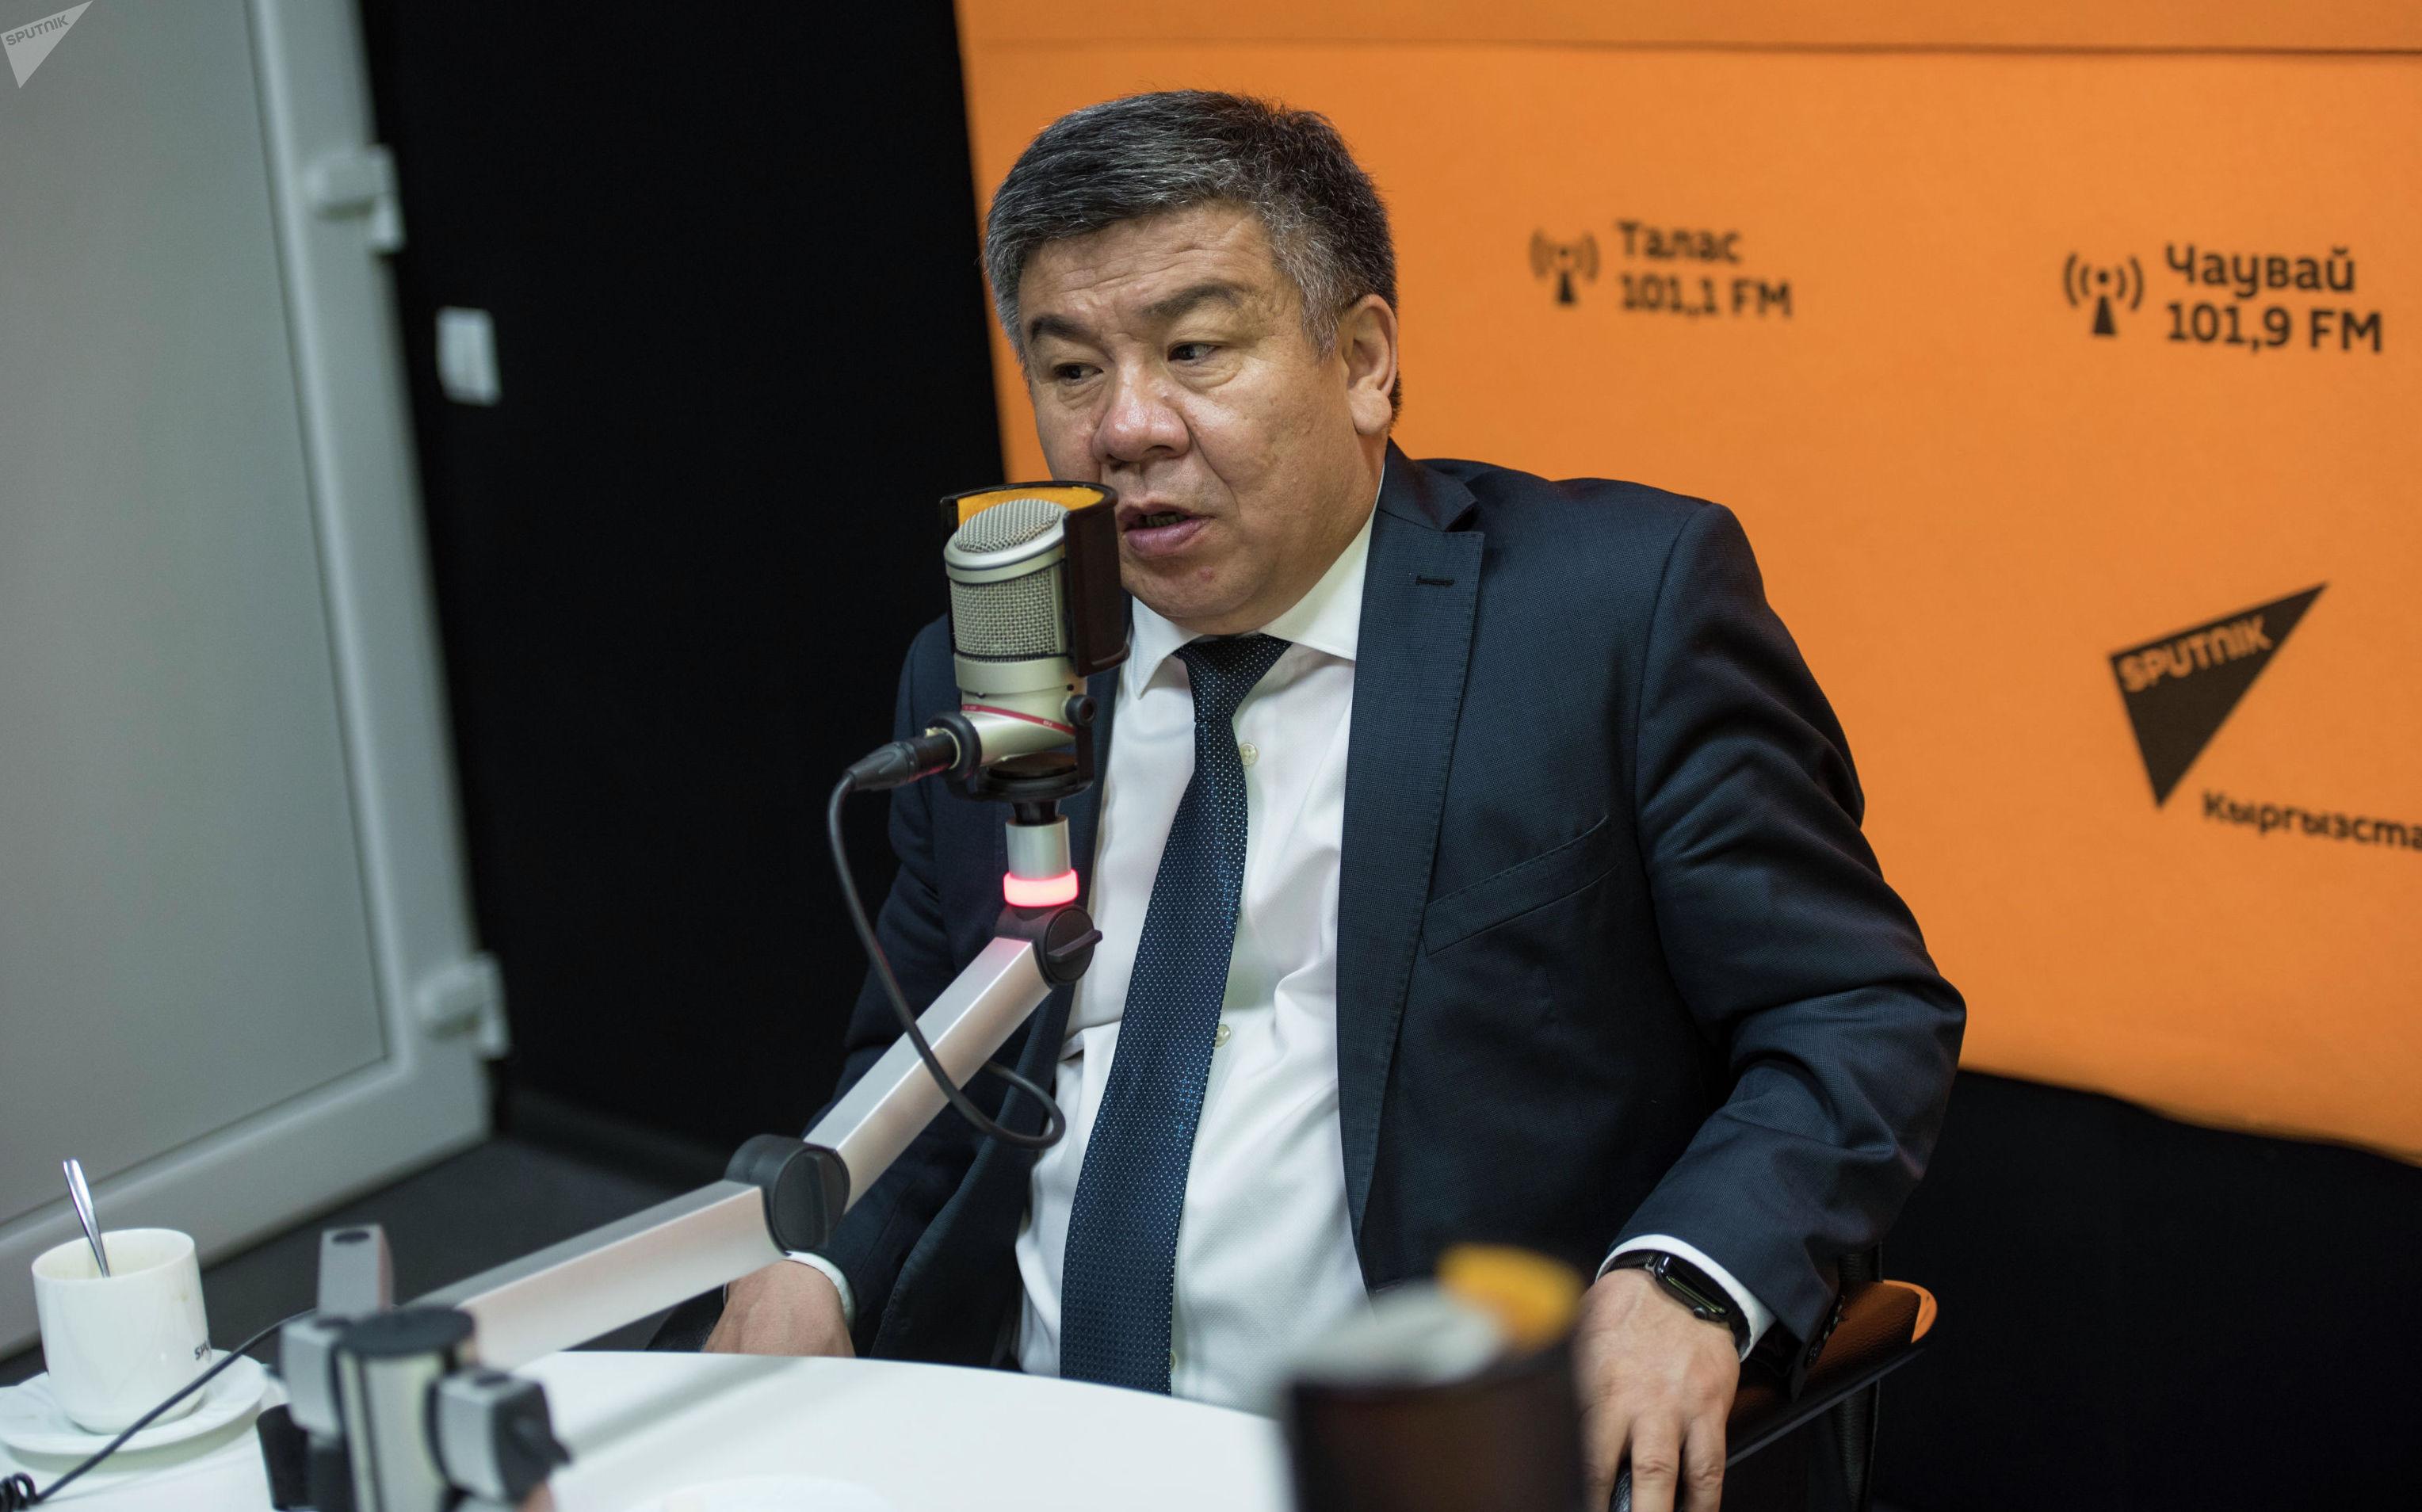 Депутат ЖК Алмамбет Шыкмаматов во время интервью в рамках проекта Интервью наоборот